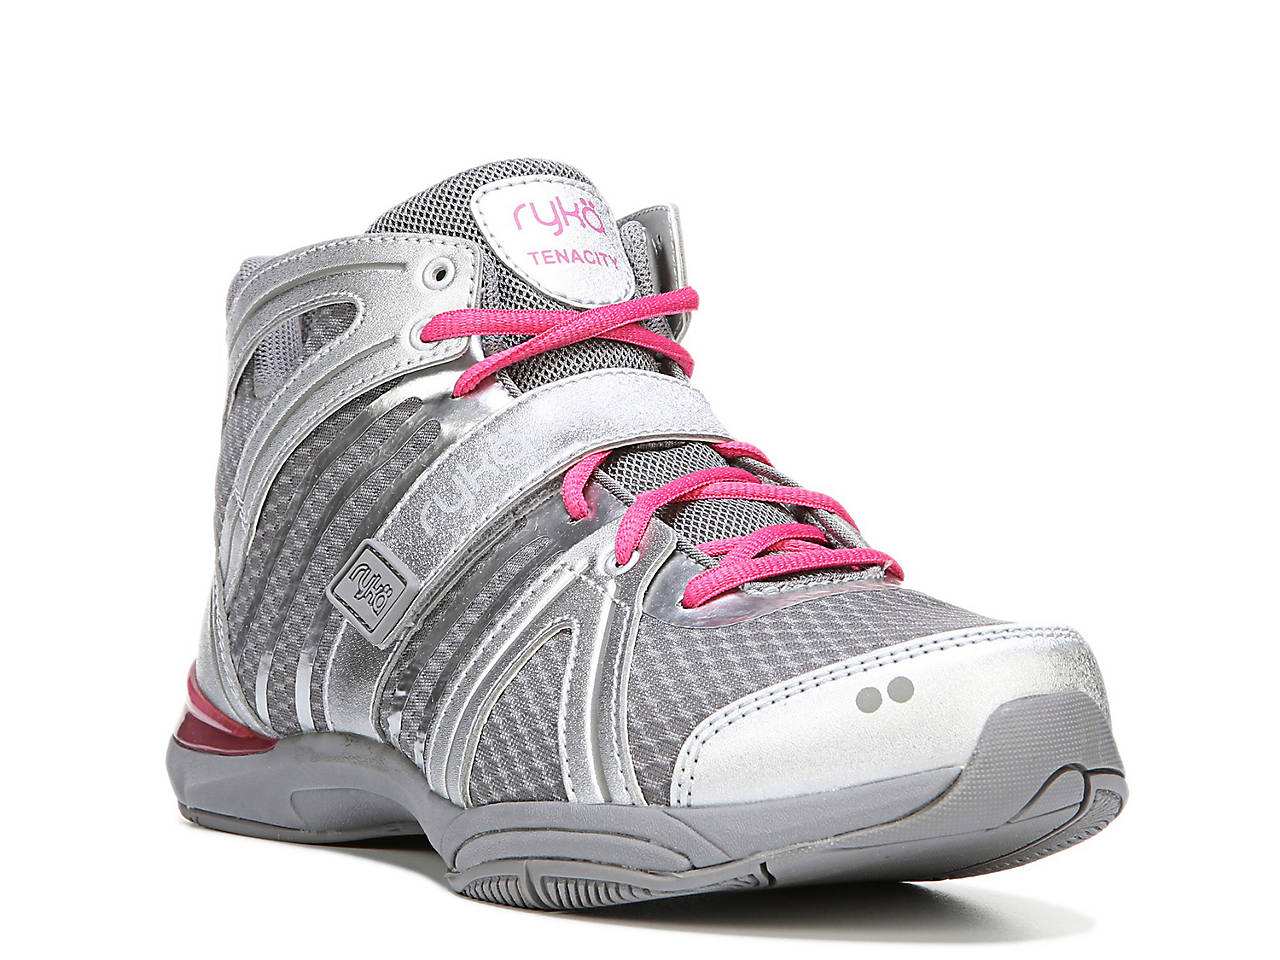 e32c96f9a9 Ryka Tenacity Metallic Training Shoe - Women s Men s Shoes